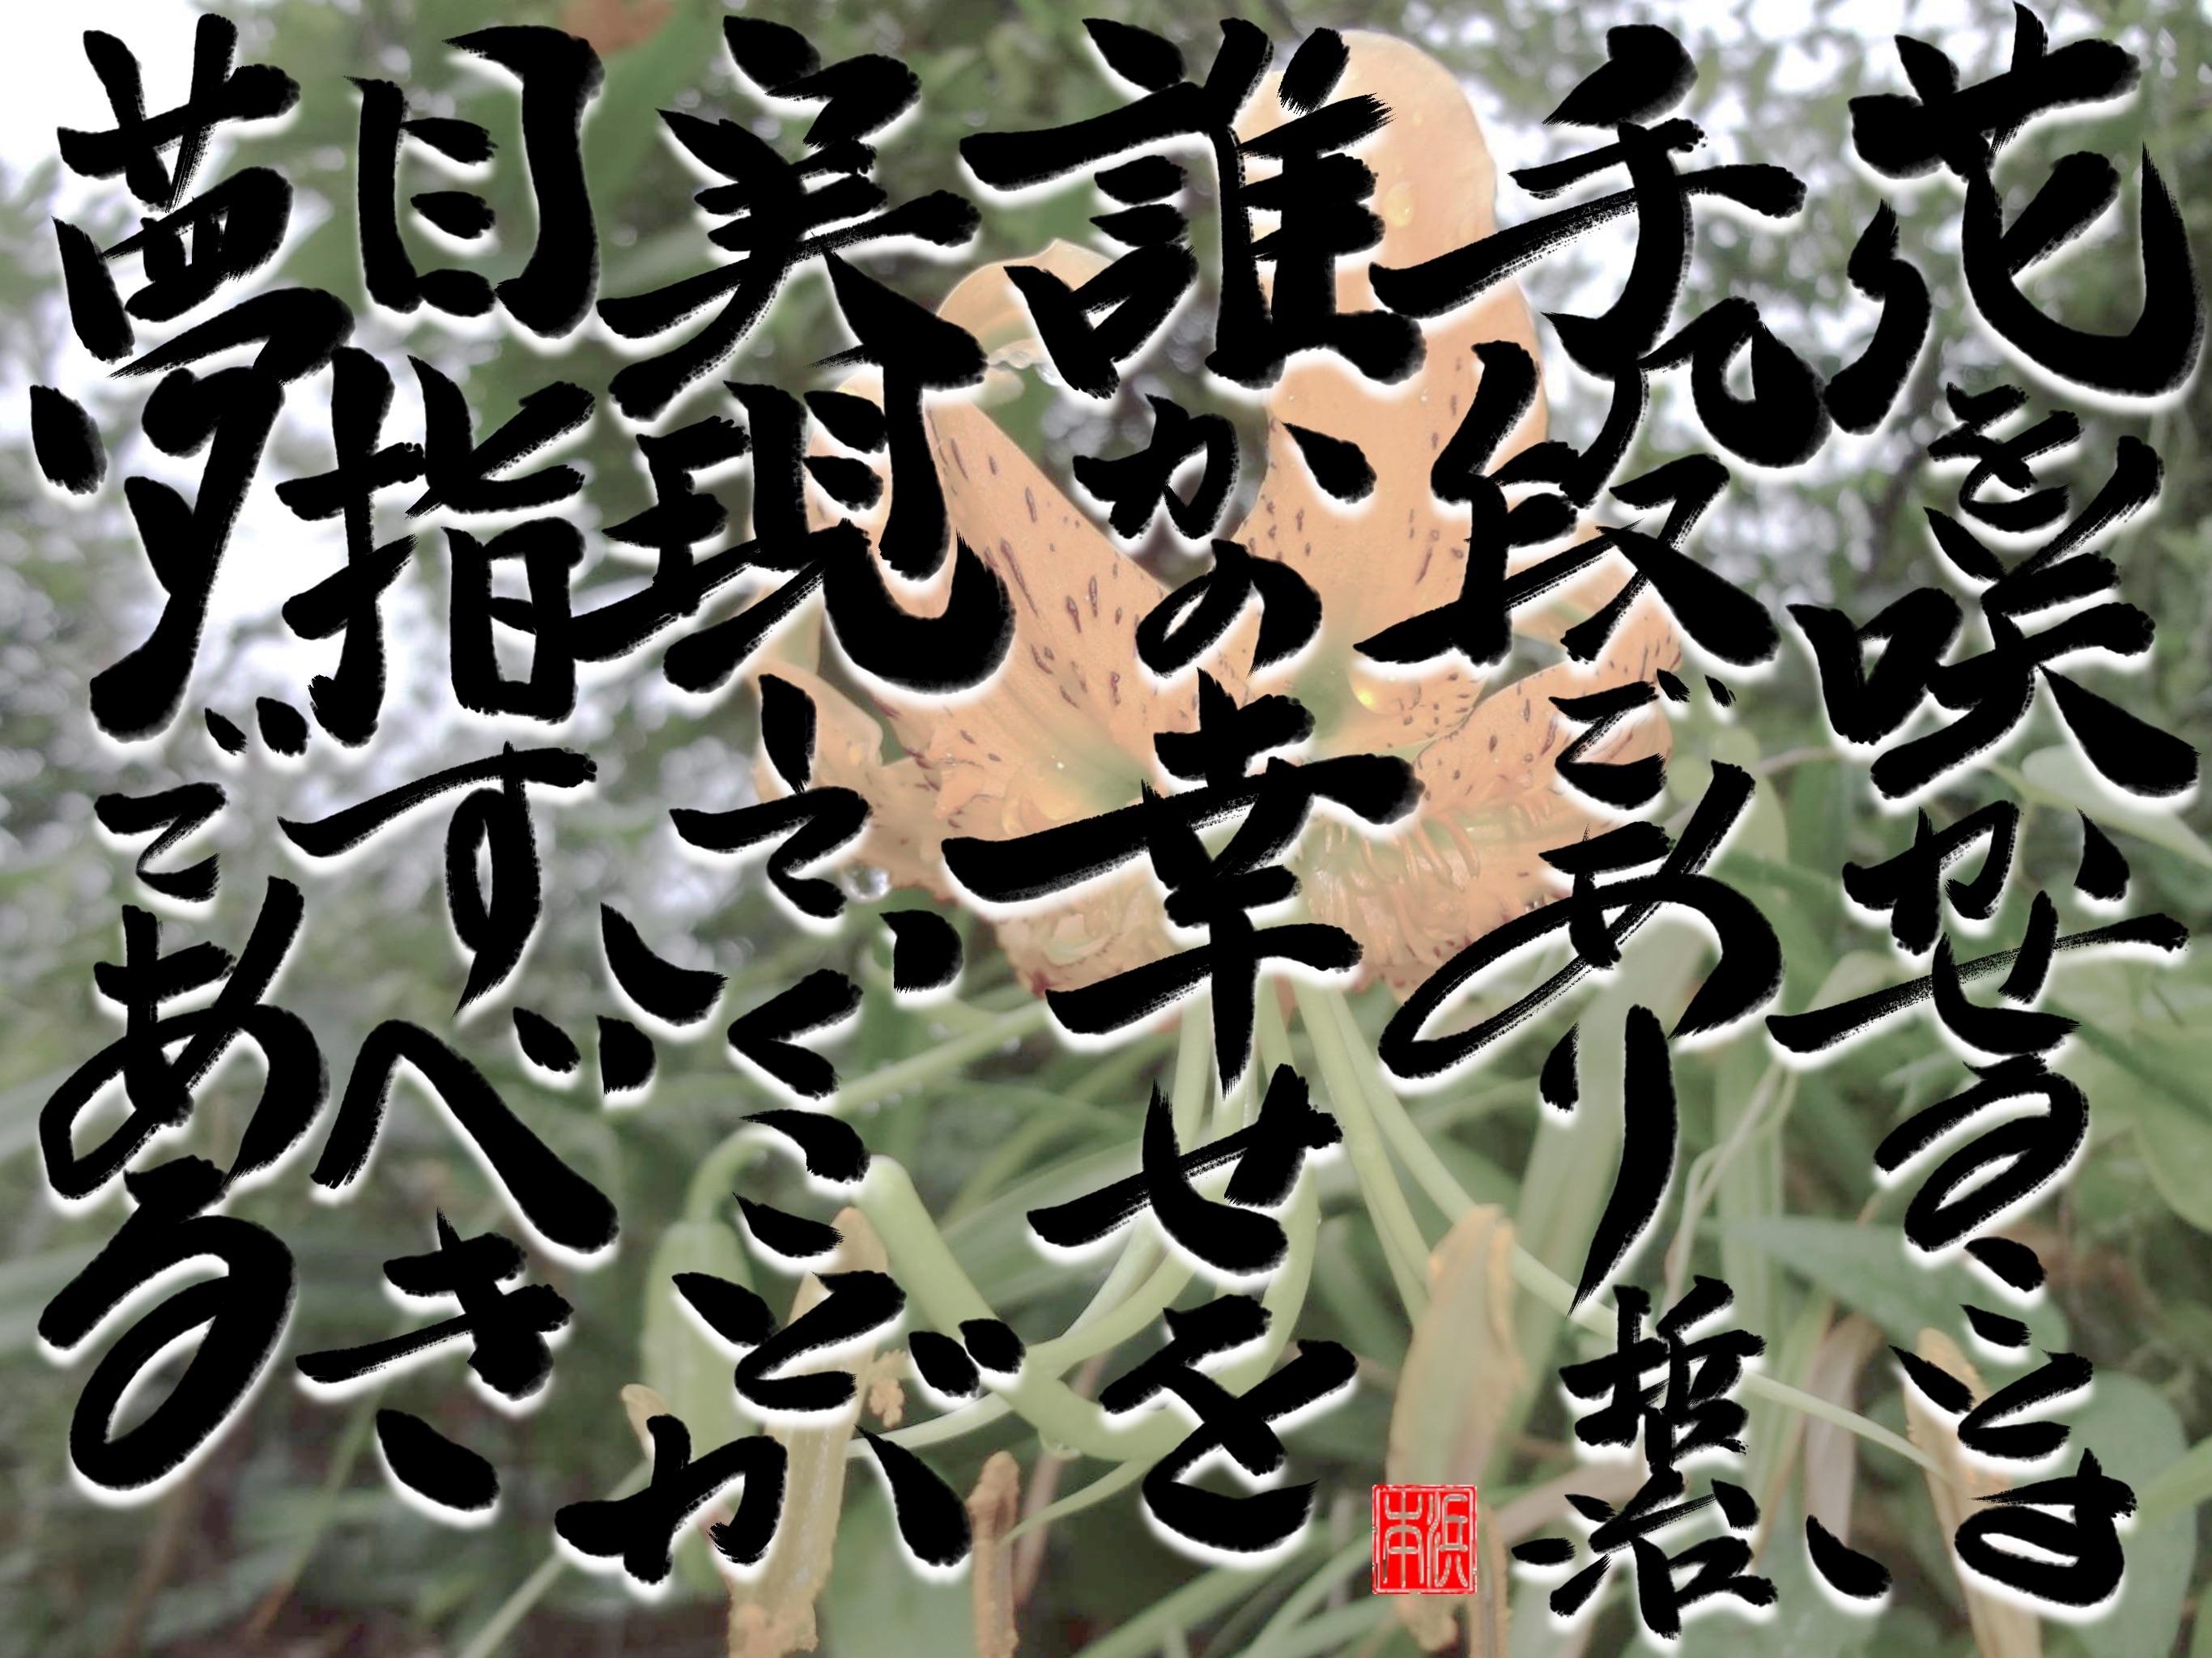 花を咲かせることは手段であり、誰かの幸せを実現していくことが、目指すべき真の夢である。<1592>